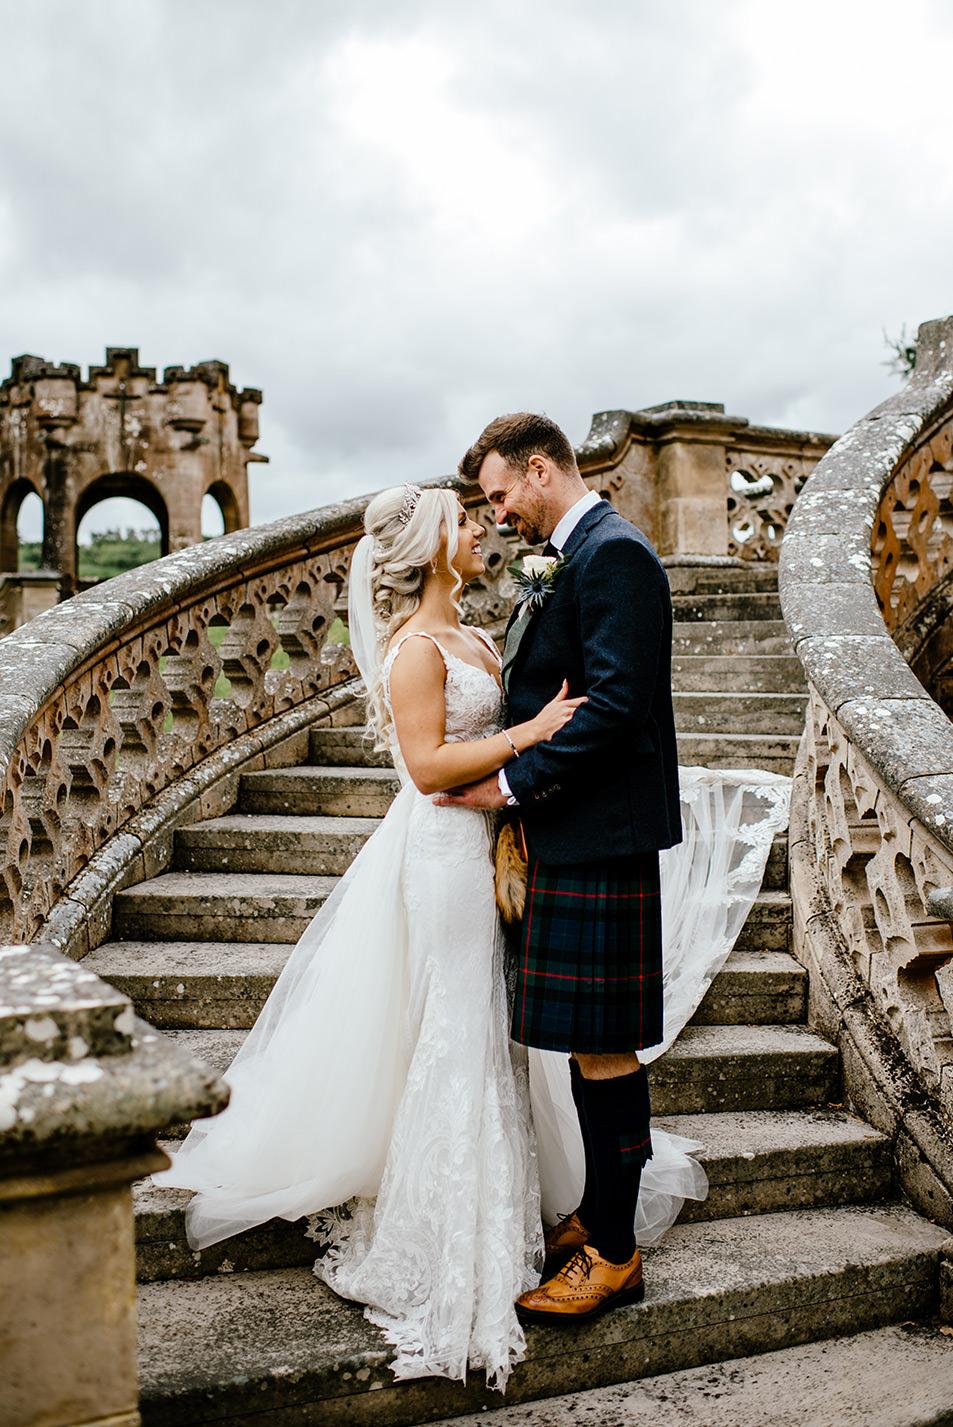 whimsical-Scottish-wedding-at-Ardross-Castle-028.jpg